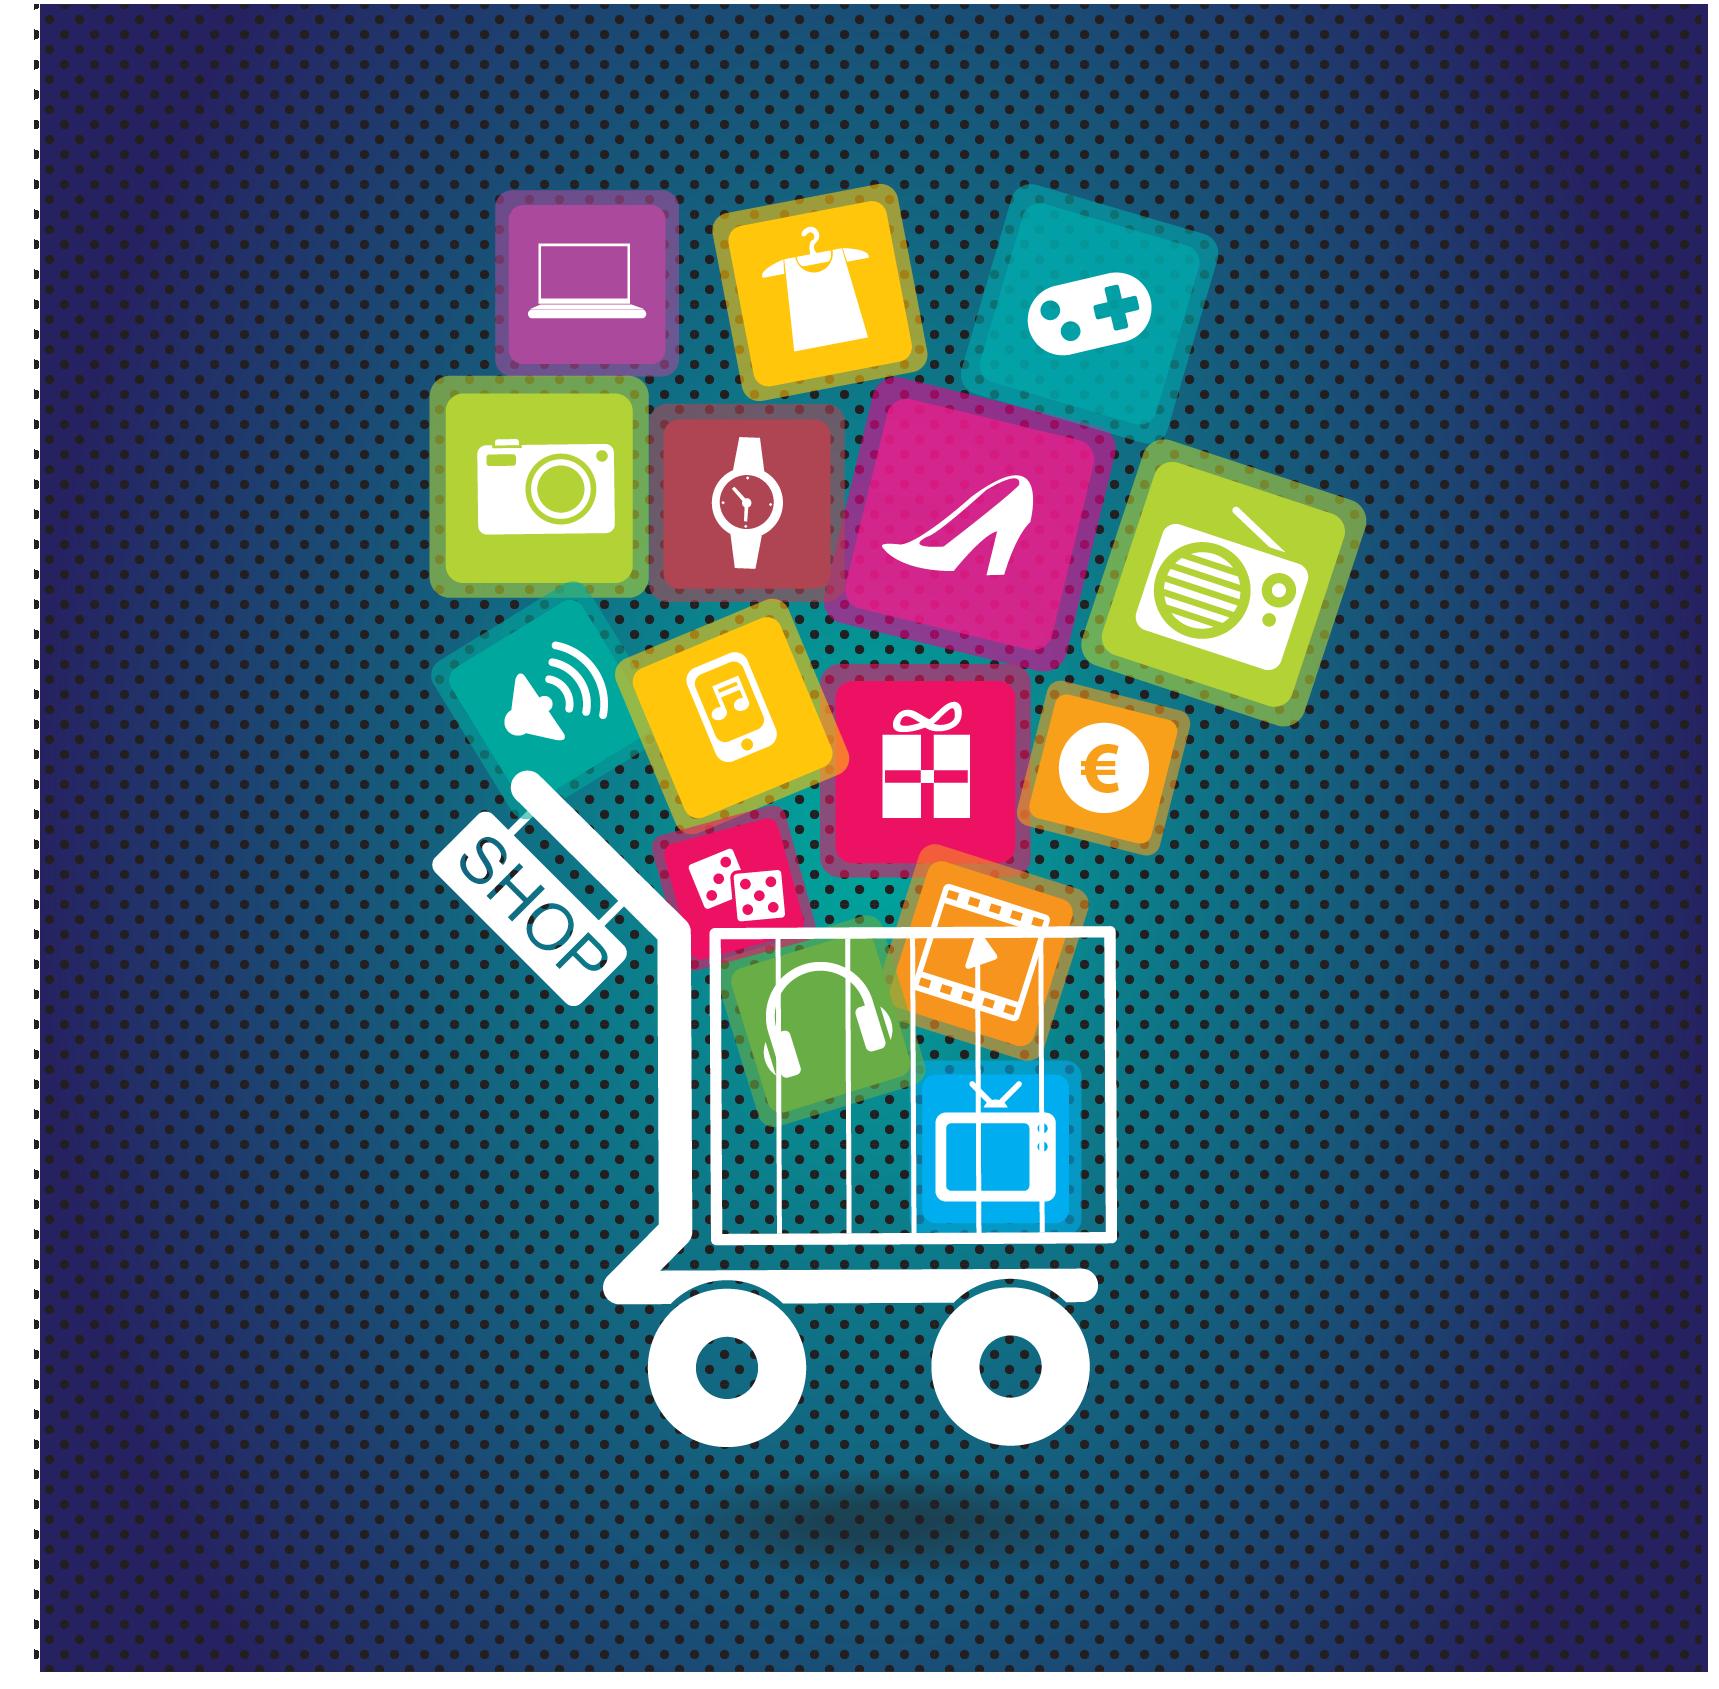 90% des Français font des recherches sur le Web avant d'acheter en magasin